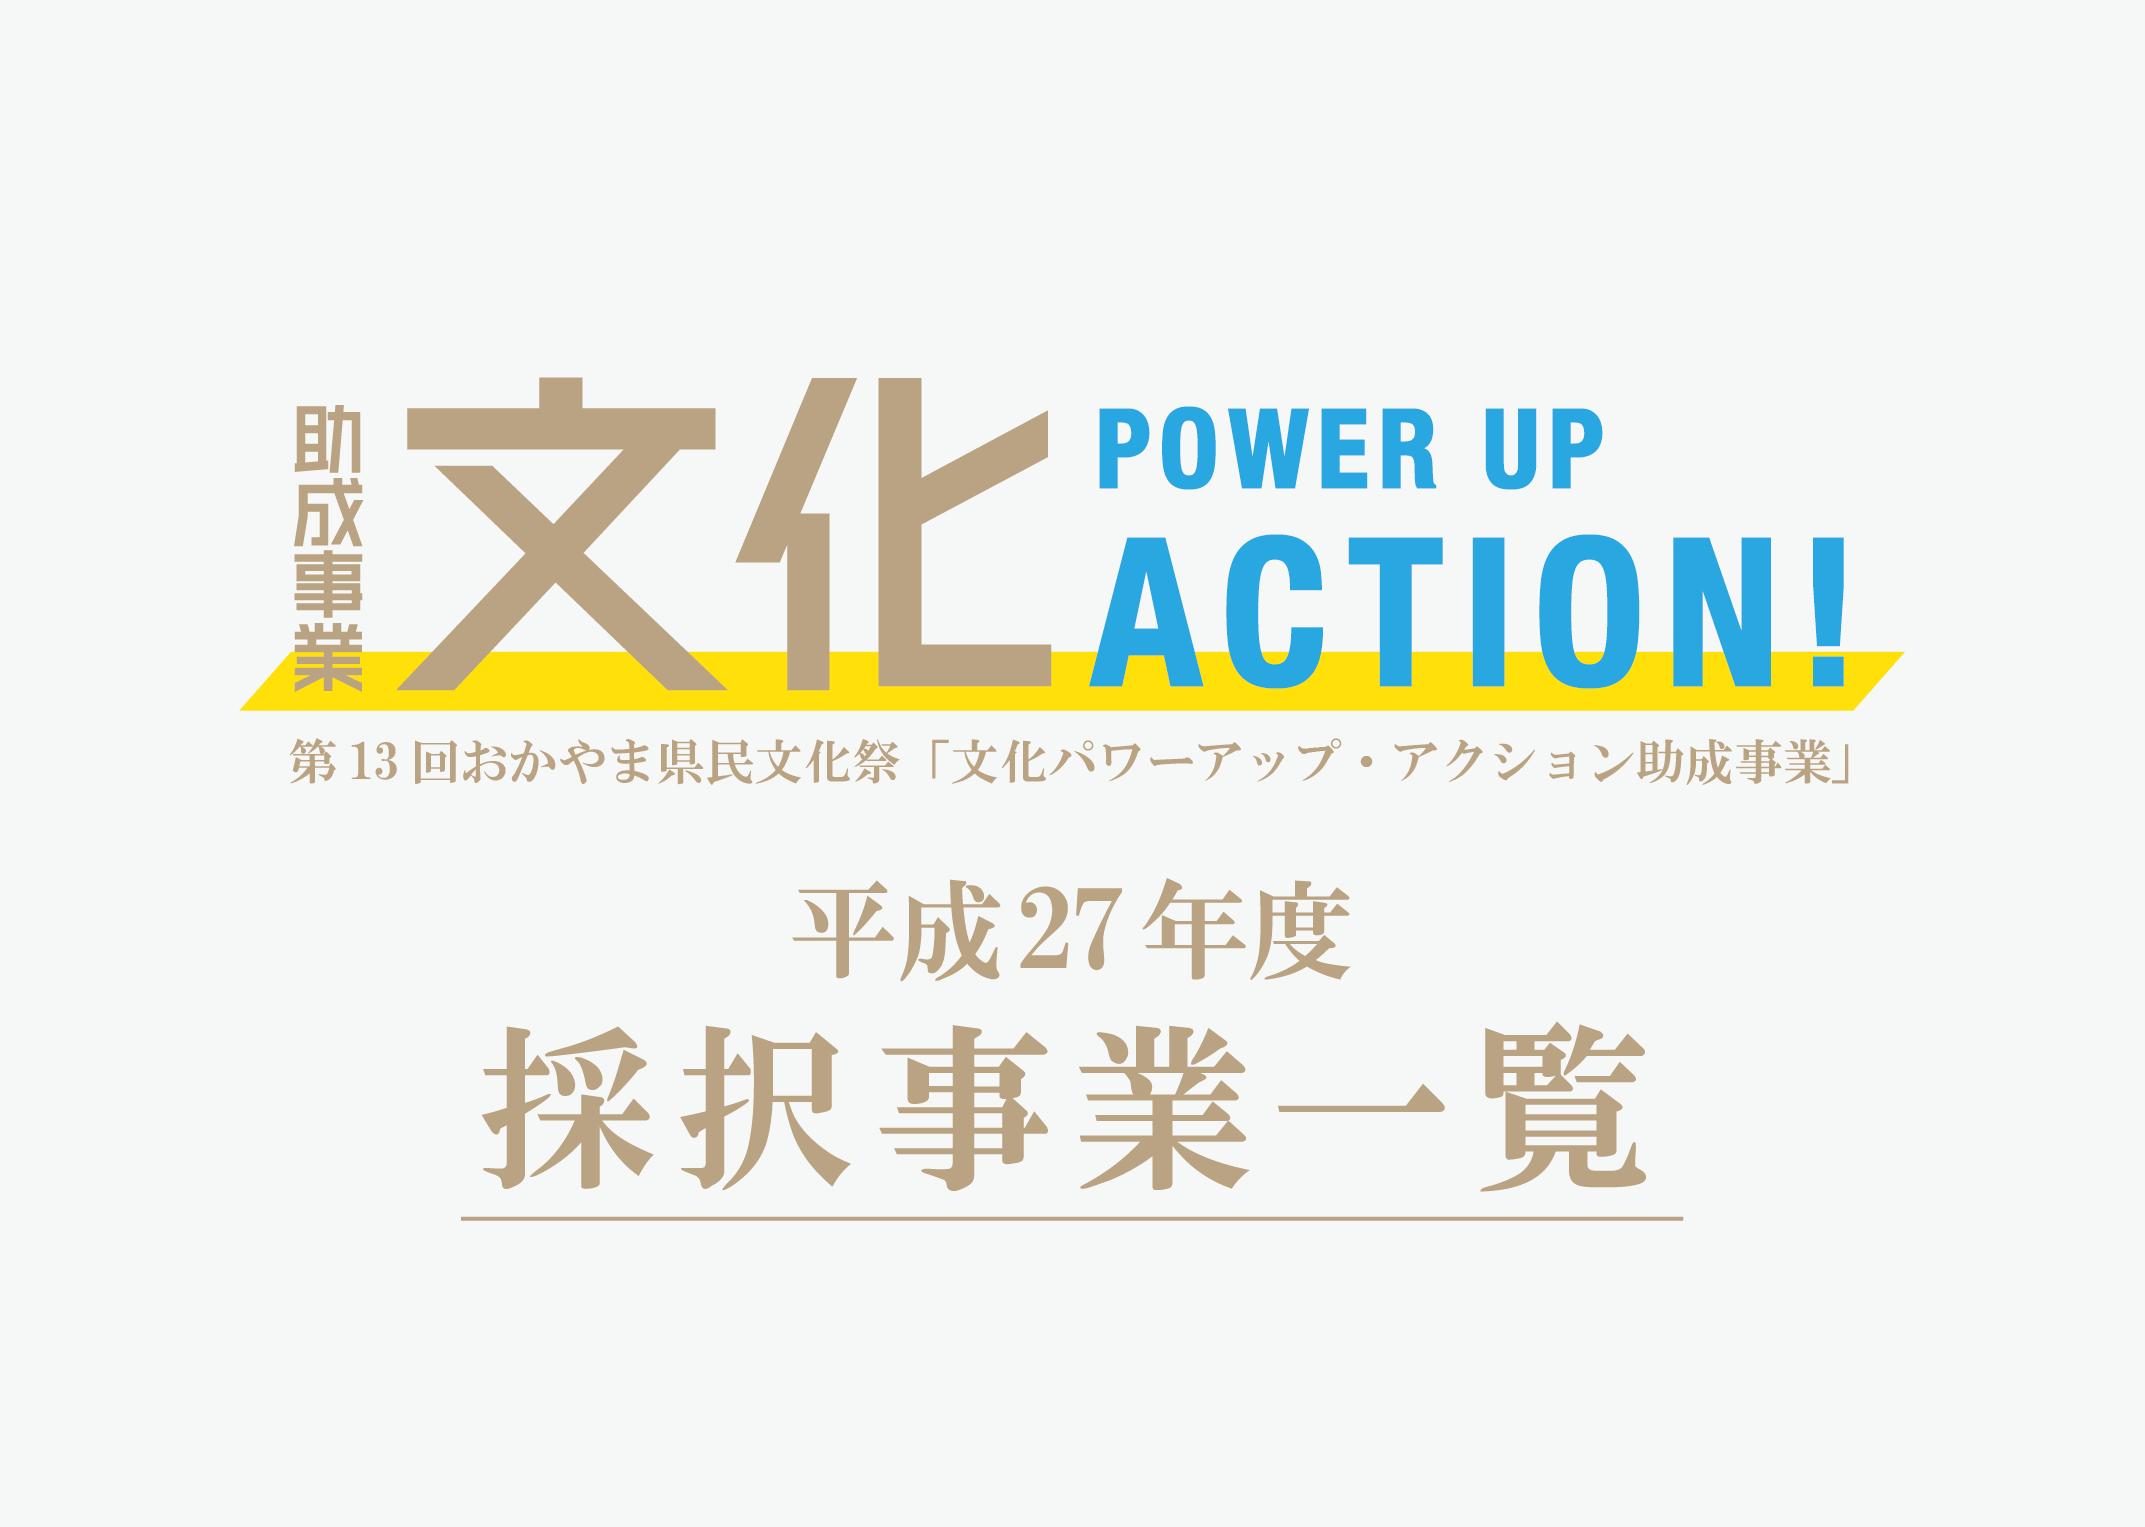 平成27年度 文化パワーアップ・アクション 採択事業結果